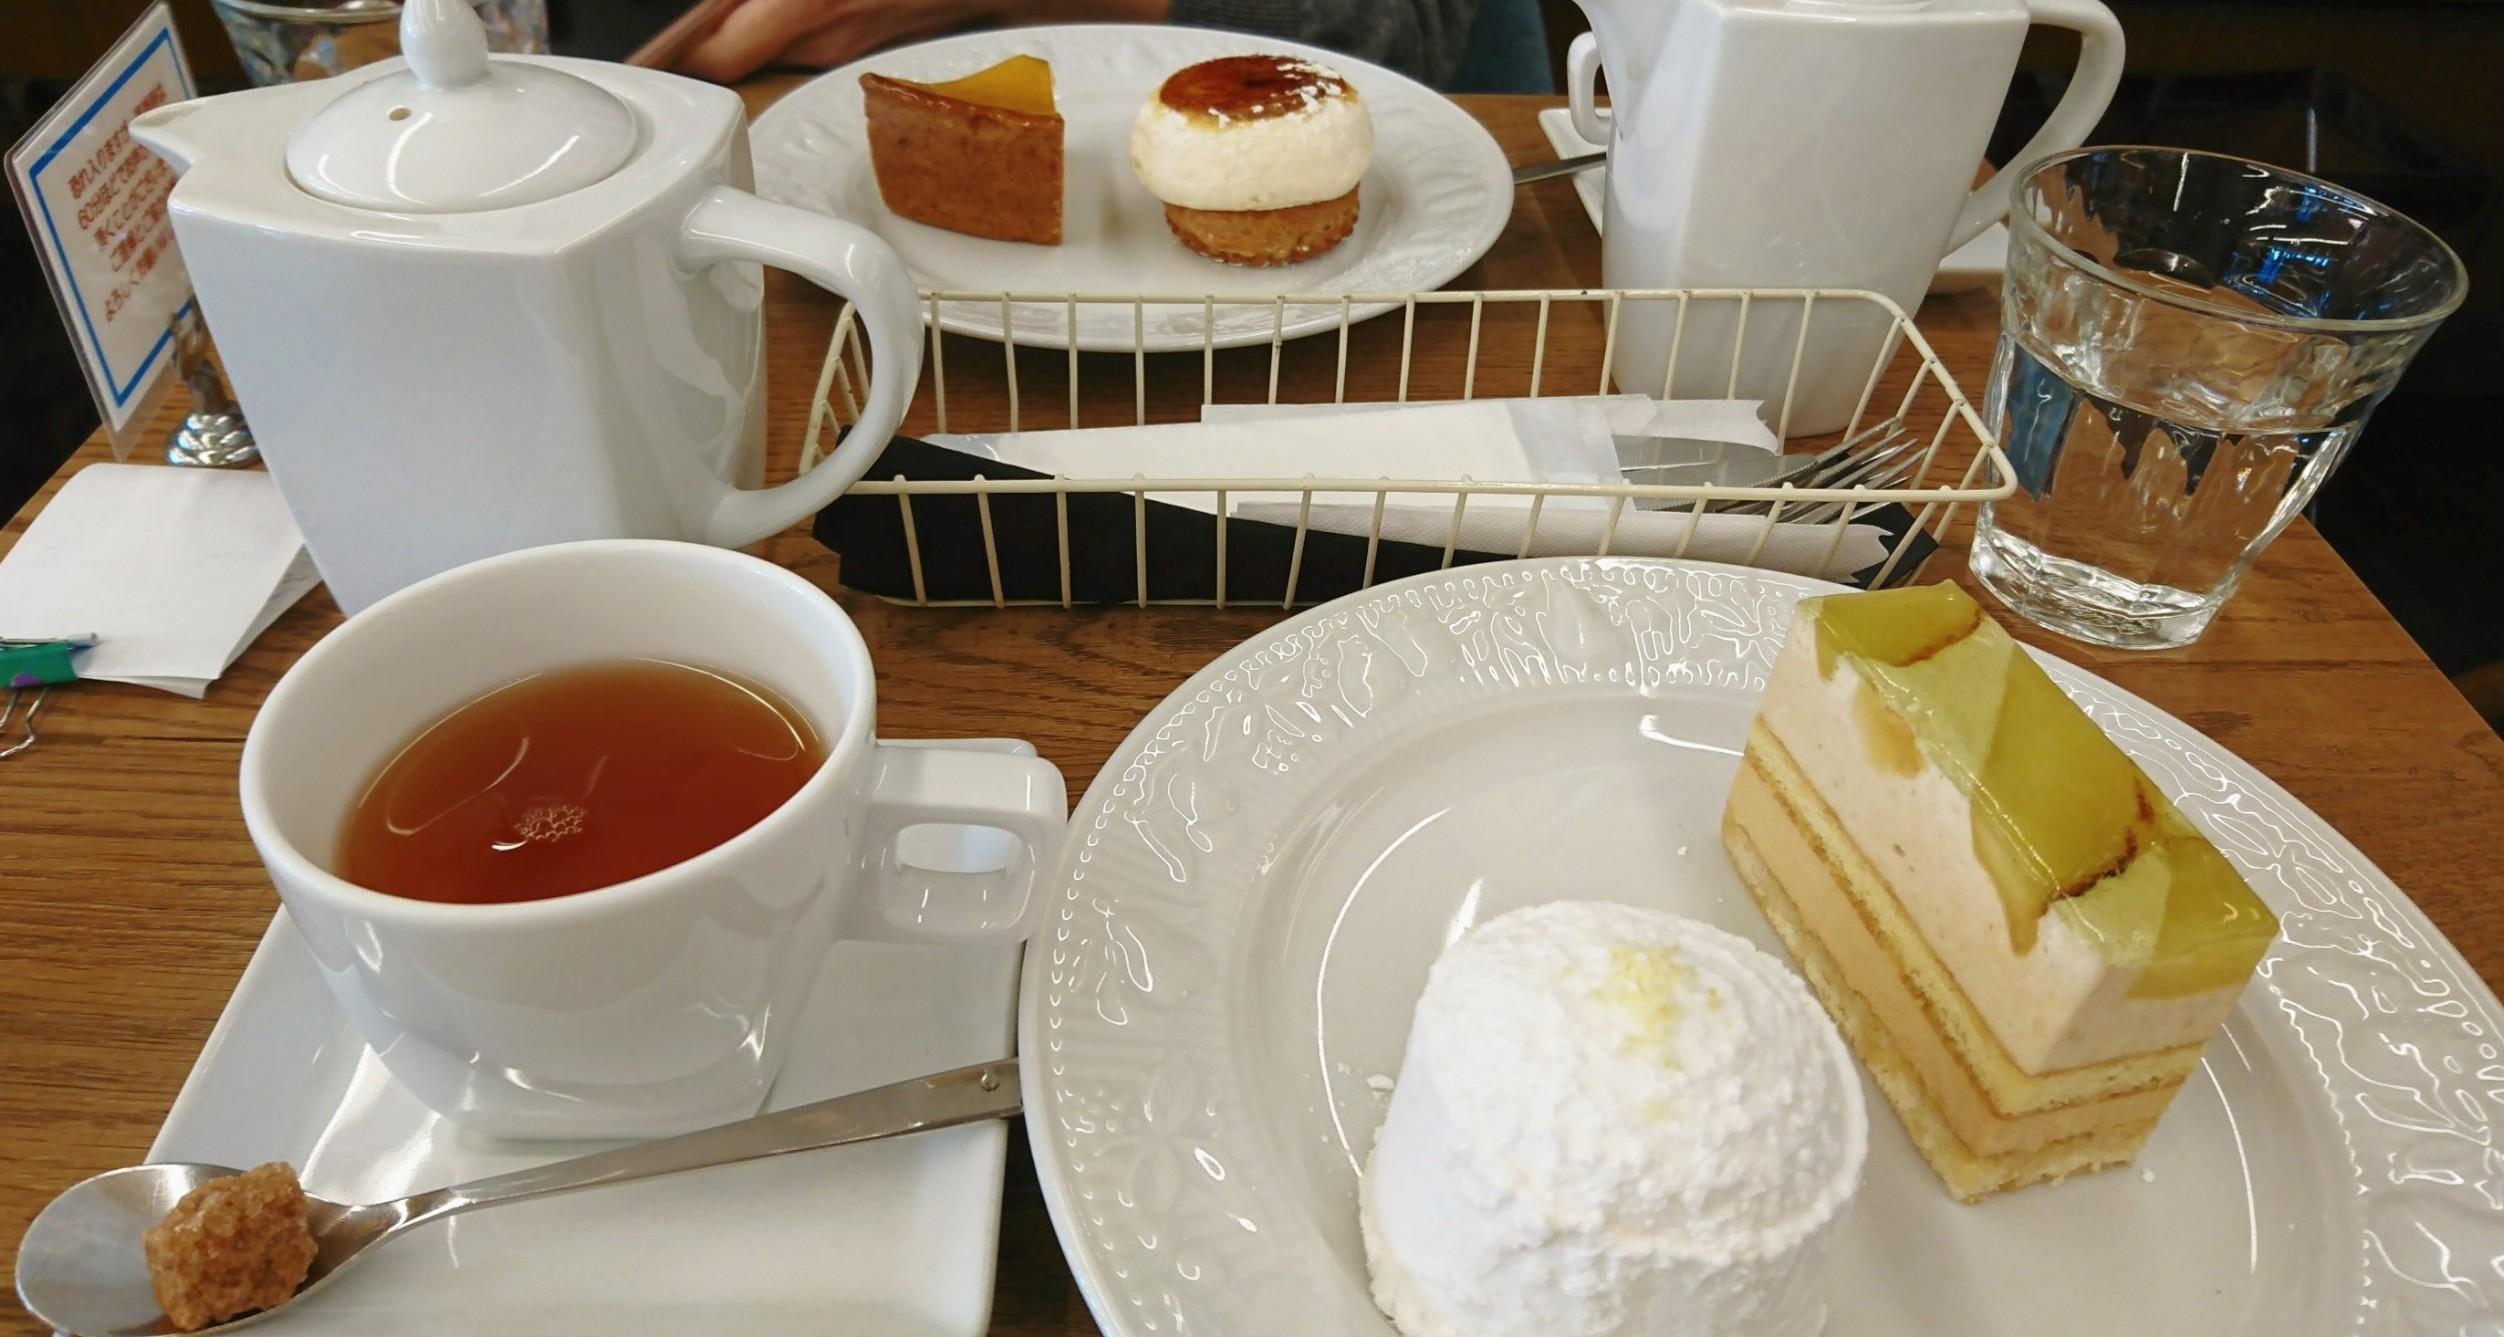 神戸のケーキ屋さん パティスリーモンプリュ 混雑は?